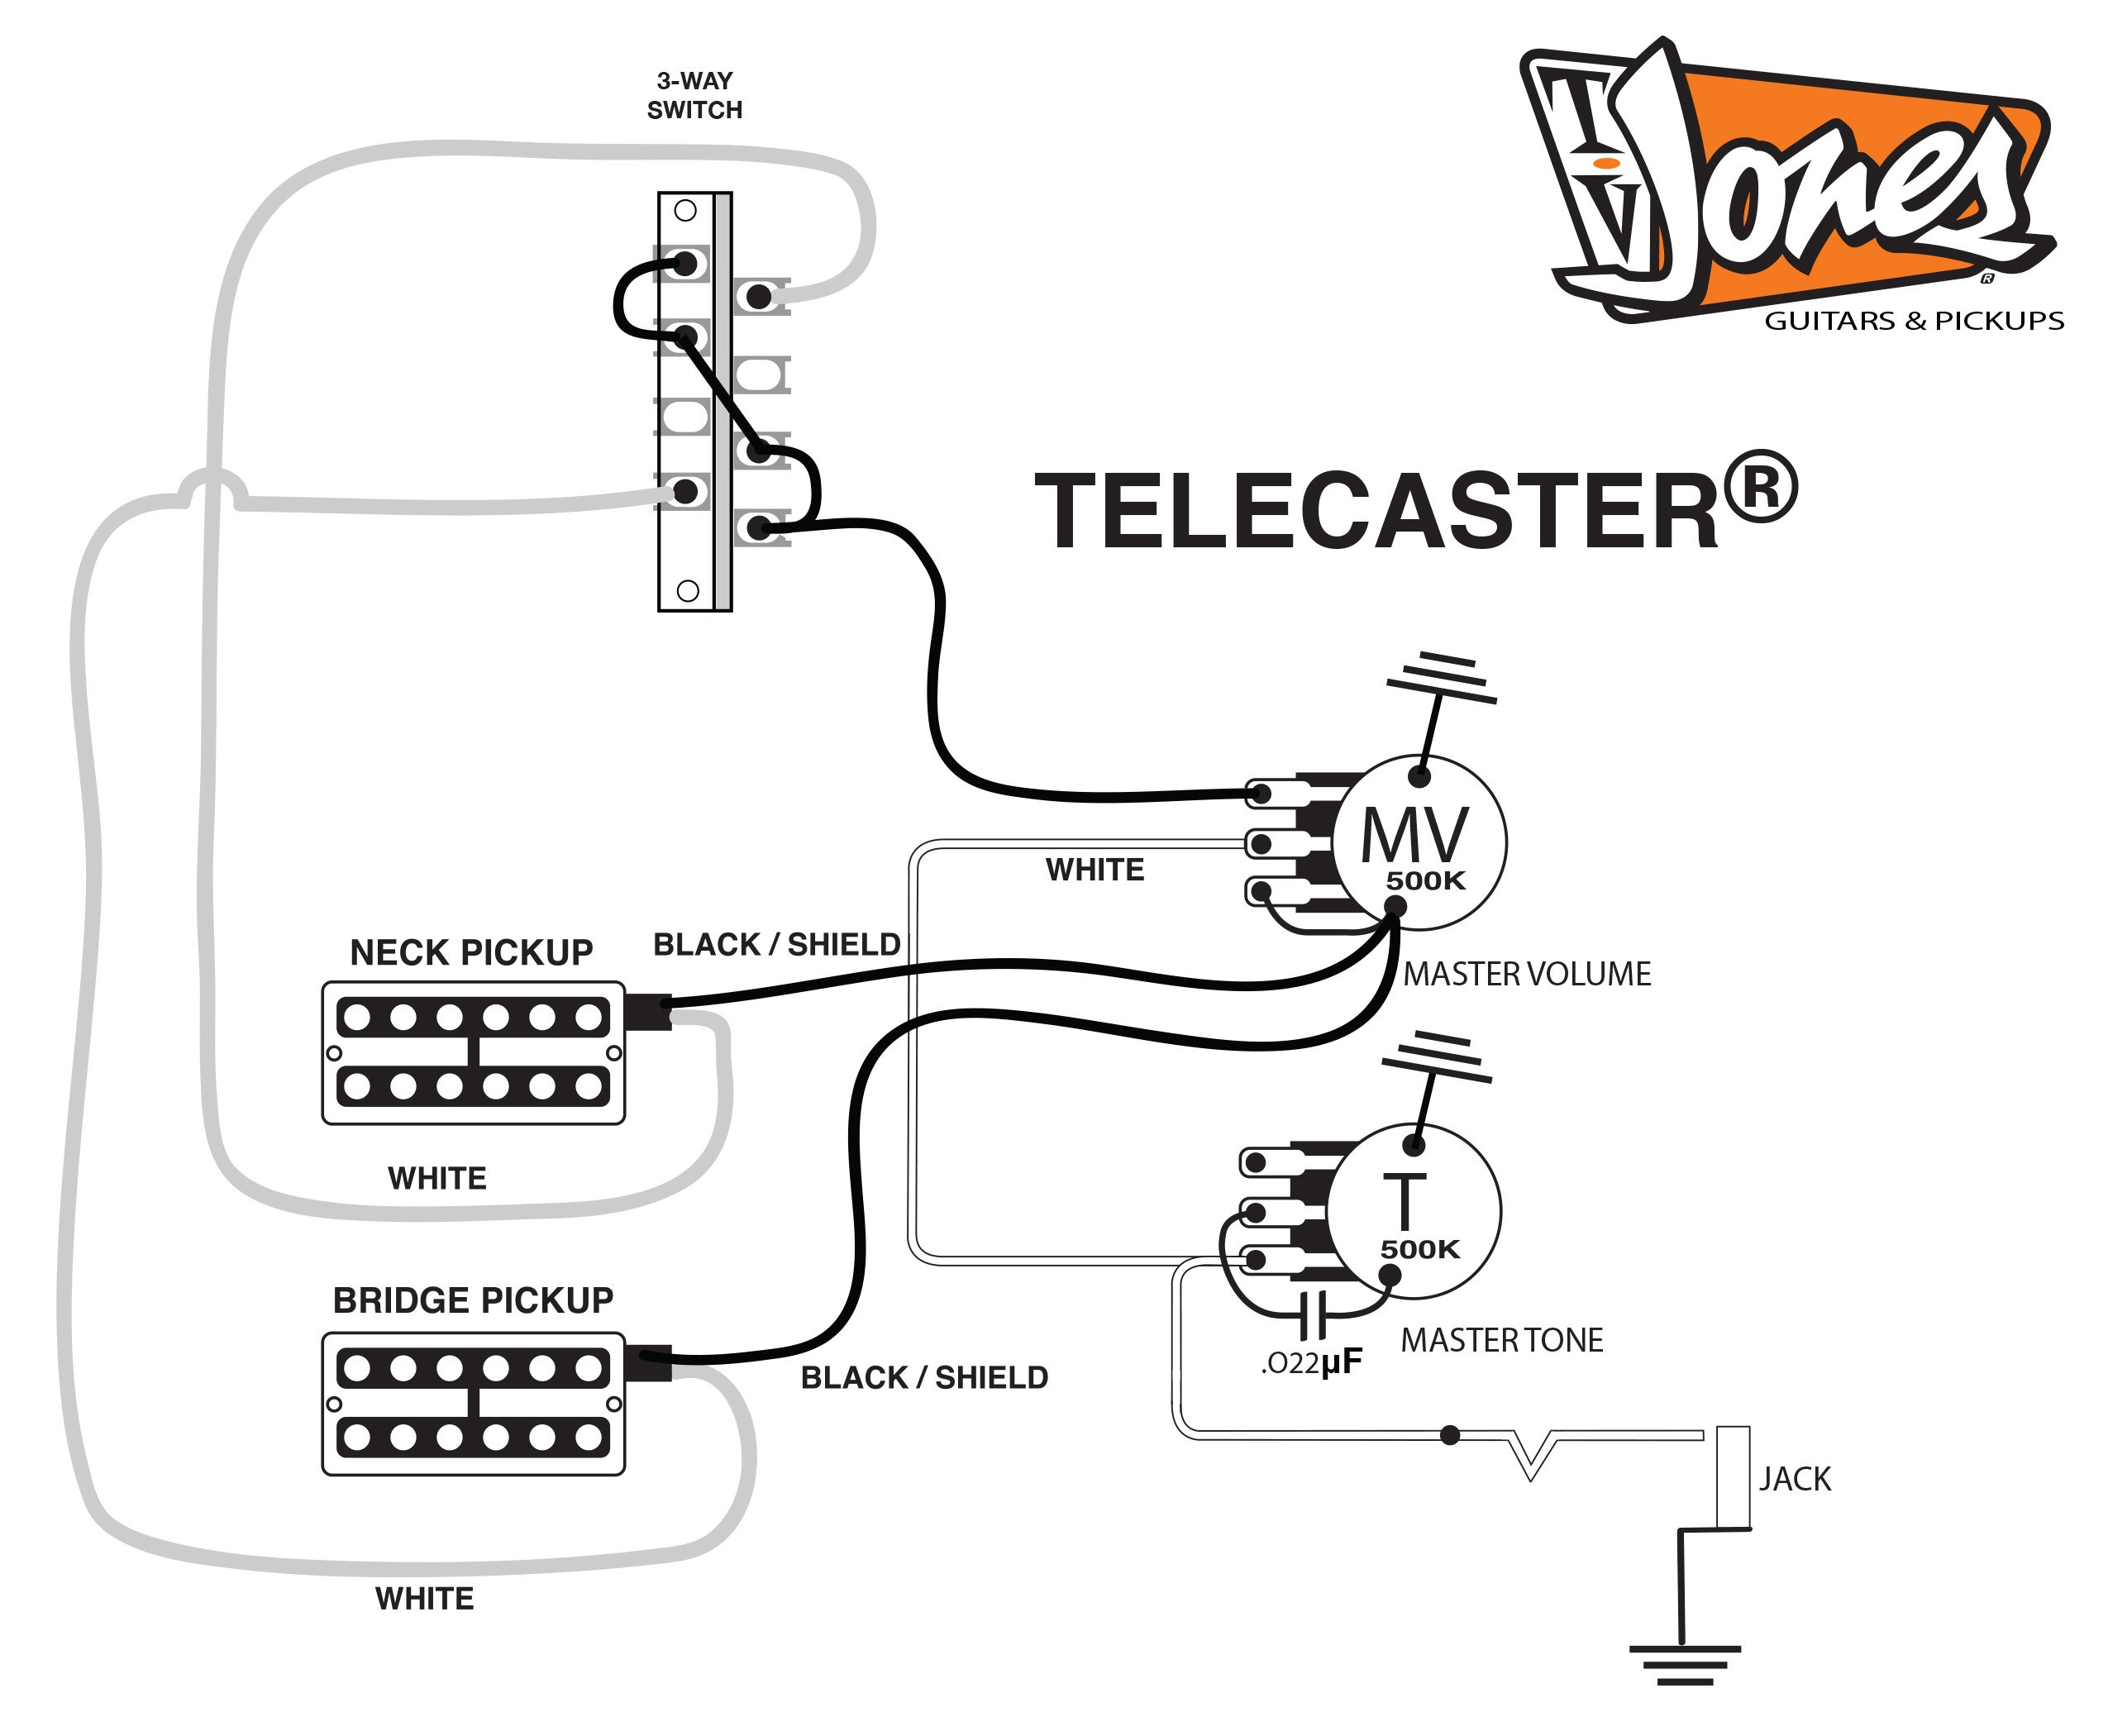 Zt Ibanez Montage Wiring Diagram Schematic Wiring